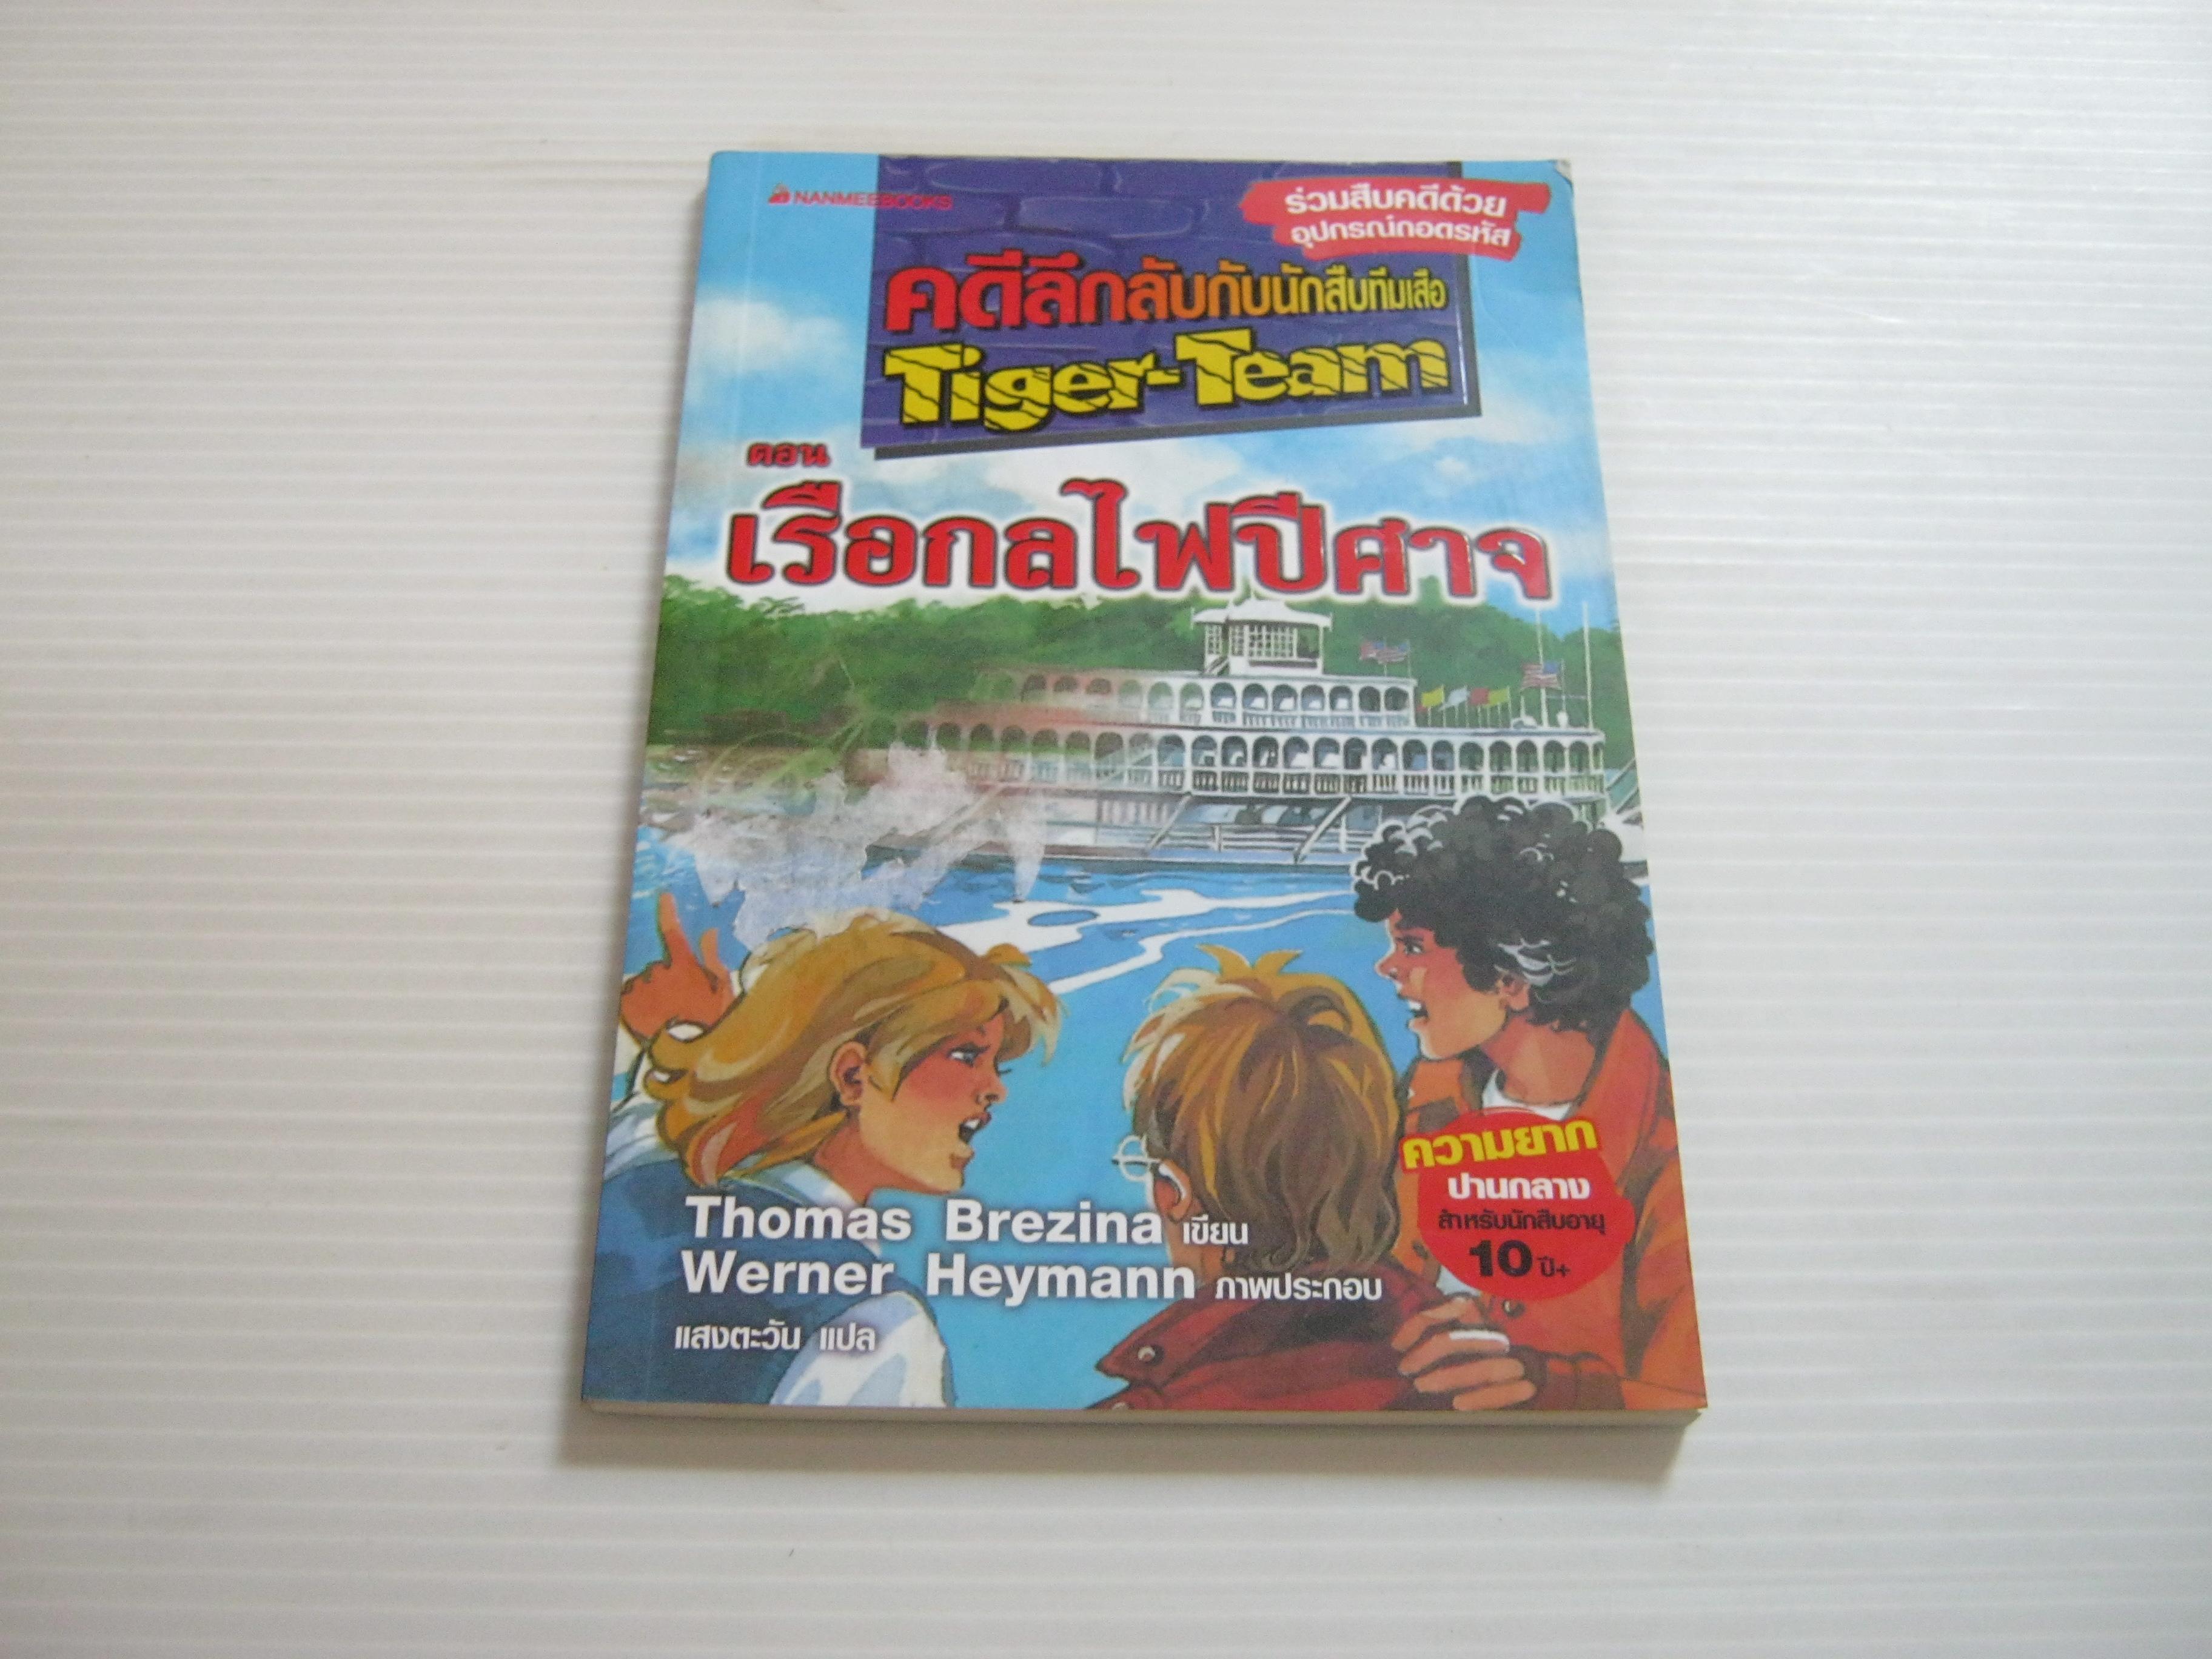 คดีลึกลับกับนักสืบทีมเสือ Tiger-Team ตอน เรือกลไฟปีศาจ Thomas Brezina เขียน Werner Heymann ภาพ แสงตะวัน แปล